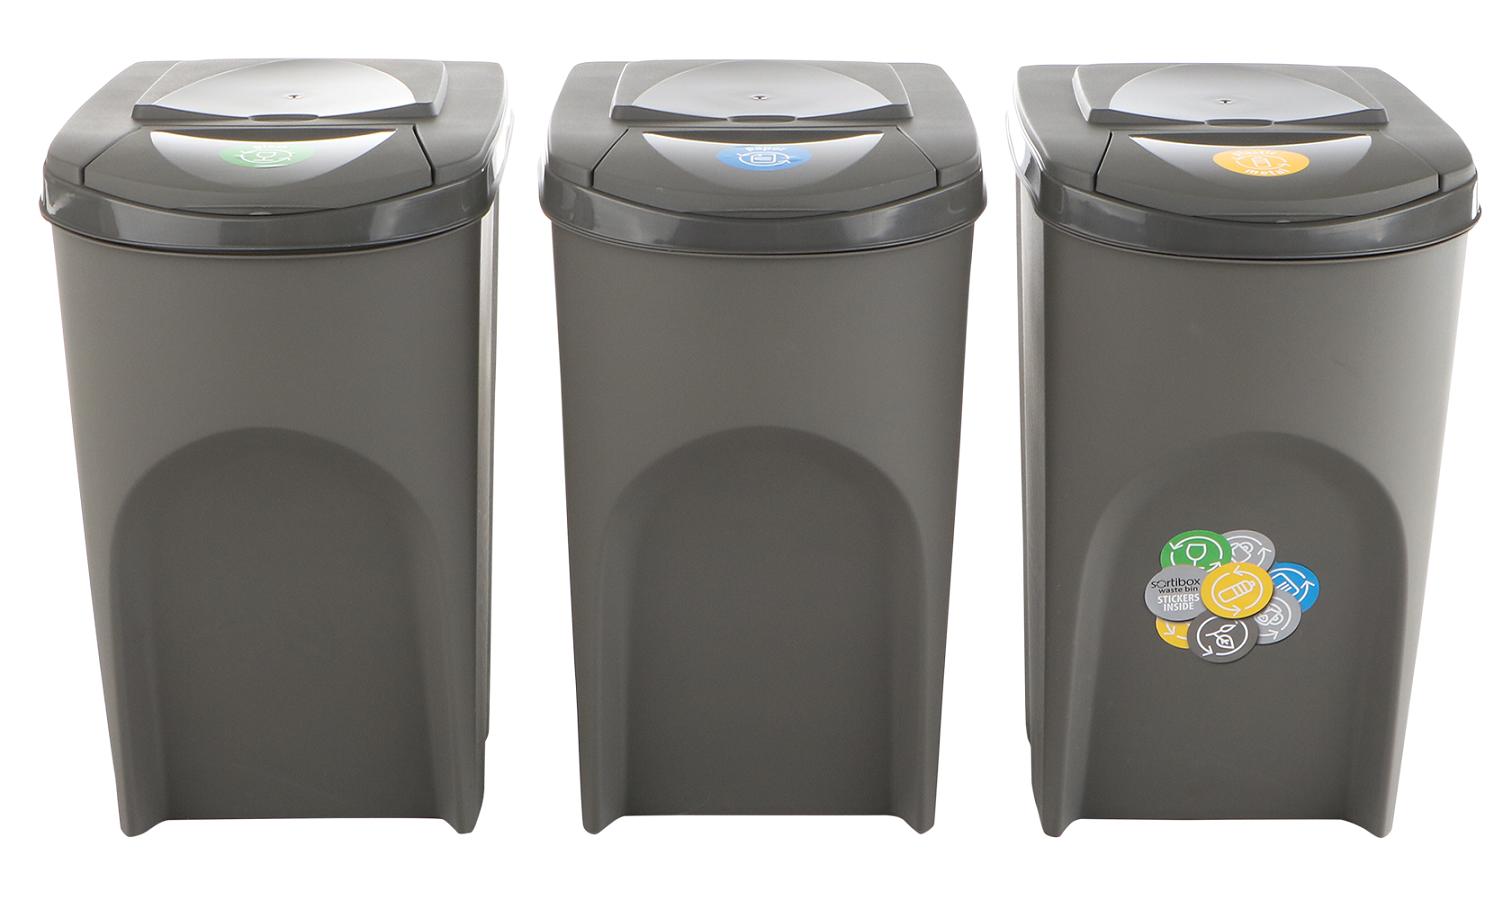 Sada 3 odpadkových košů SORTIBOX Šedý kámen 392x293x620 35L s šedým víkem a nálepkami PROSPERPLAST